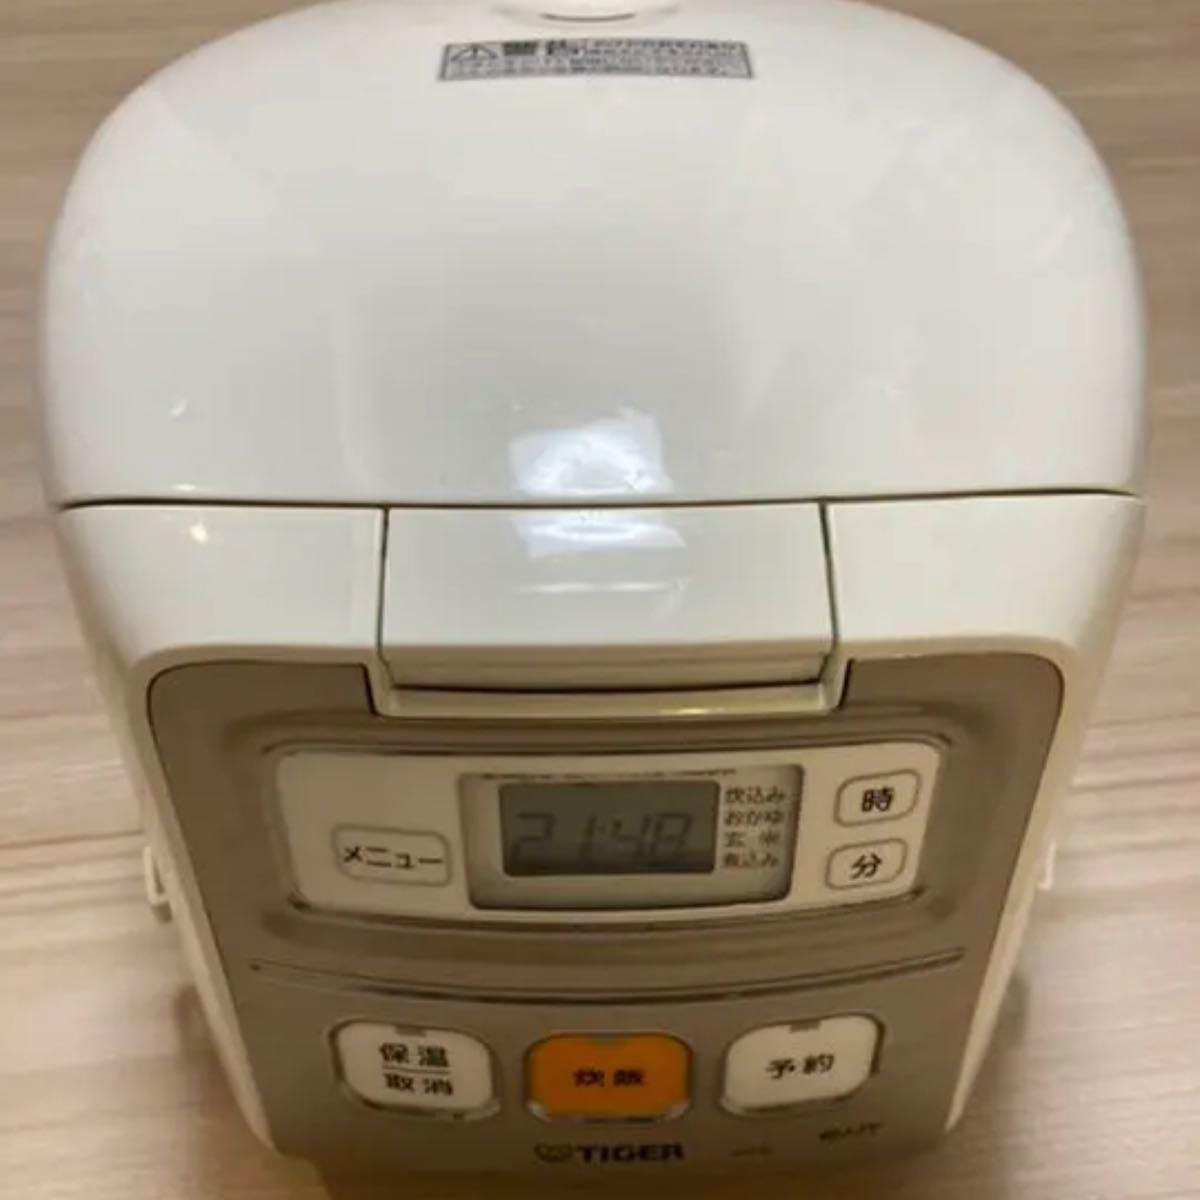 中古 炊飯器 タイガー魔法瓶 JAI-R550(W) タイガー炊飯器 炊飯器3合